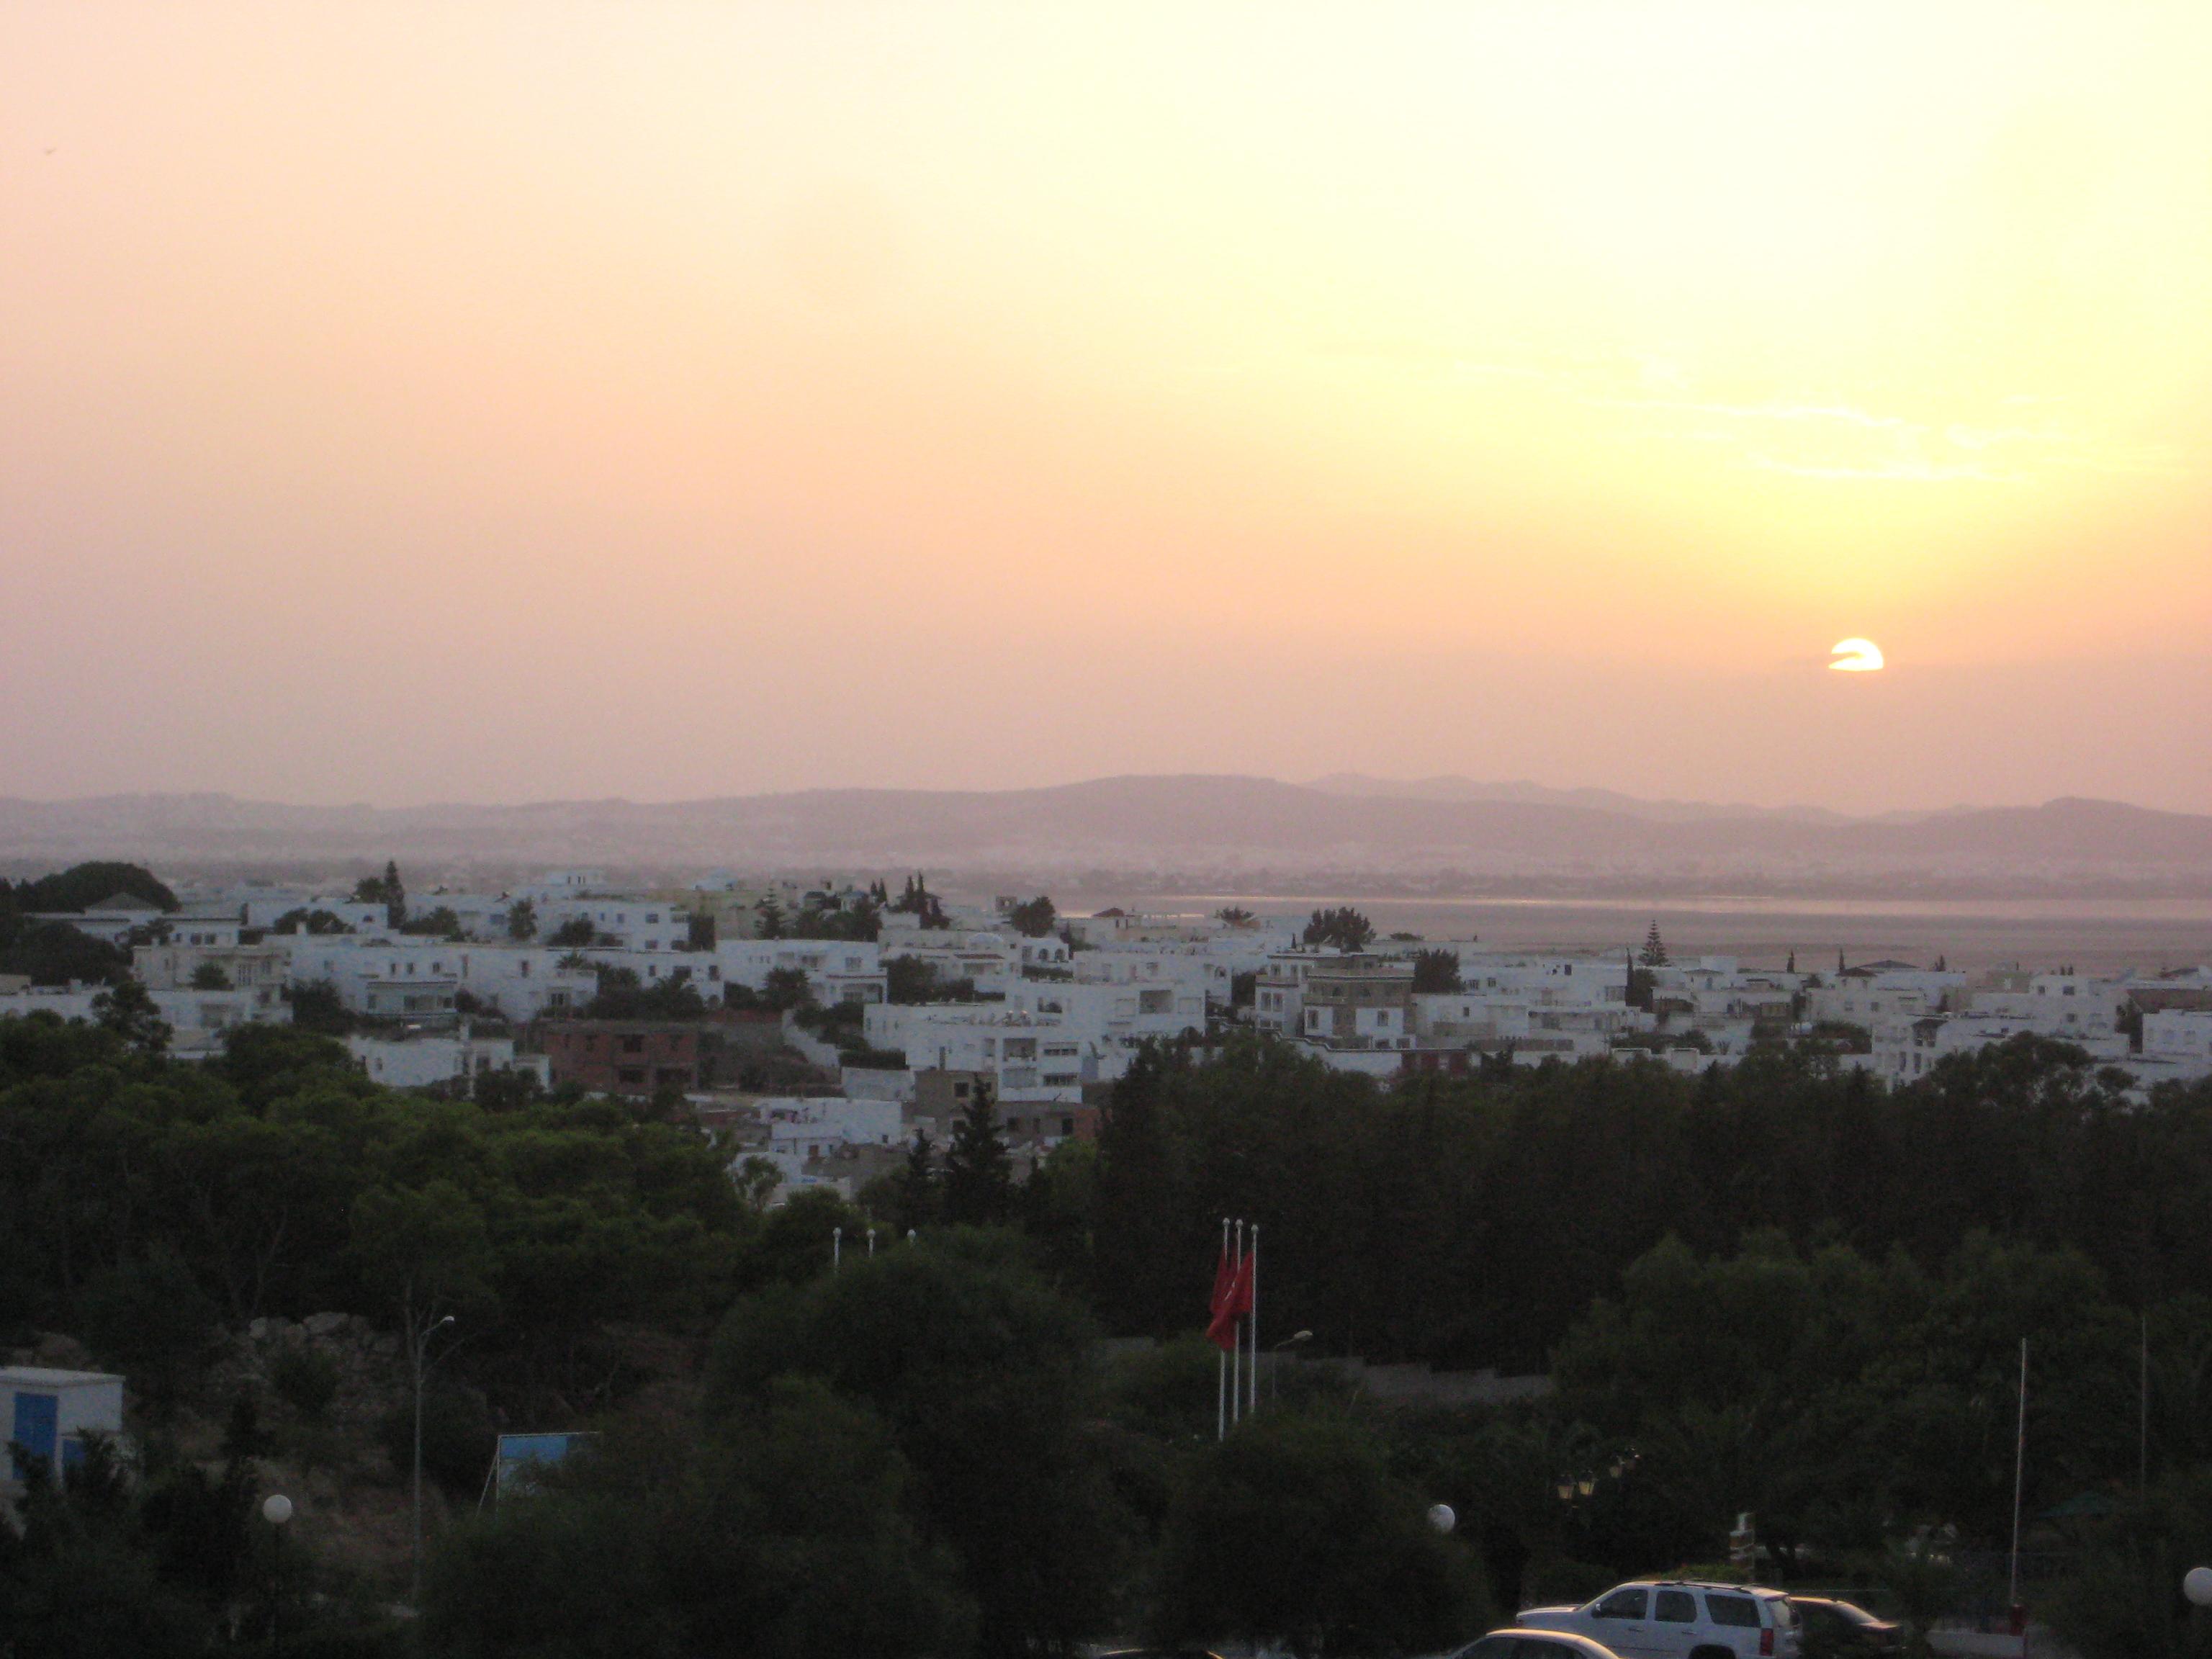 Un coucher de soleil sur Tunis